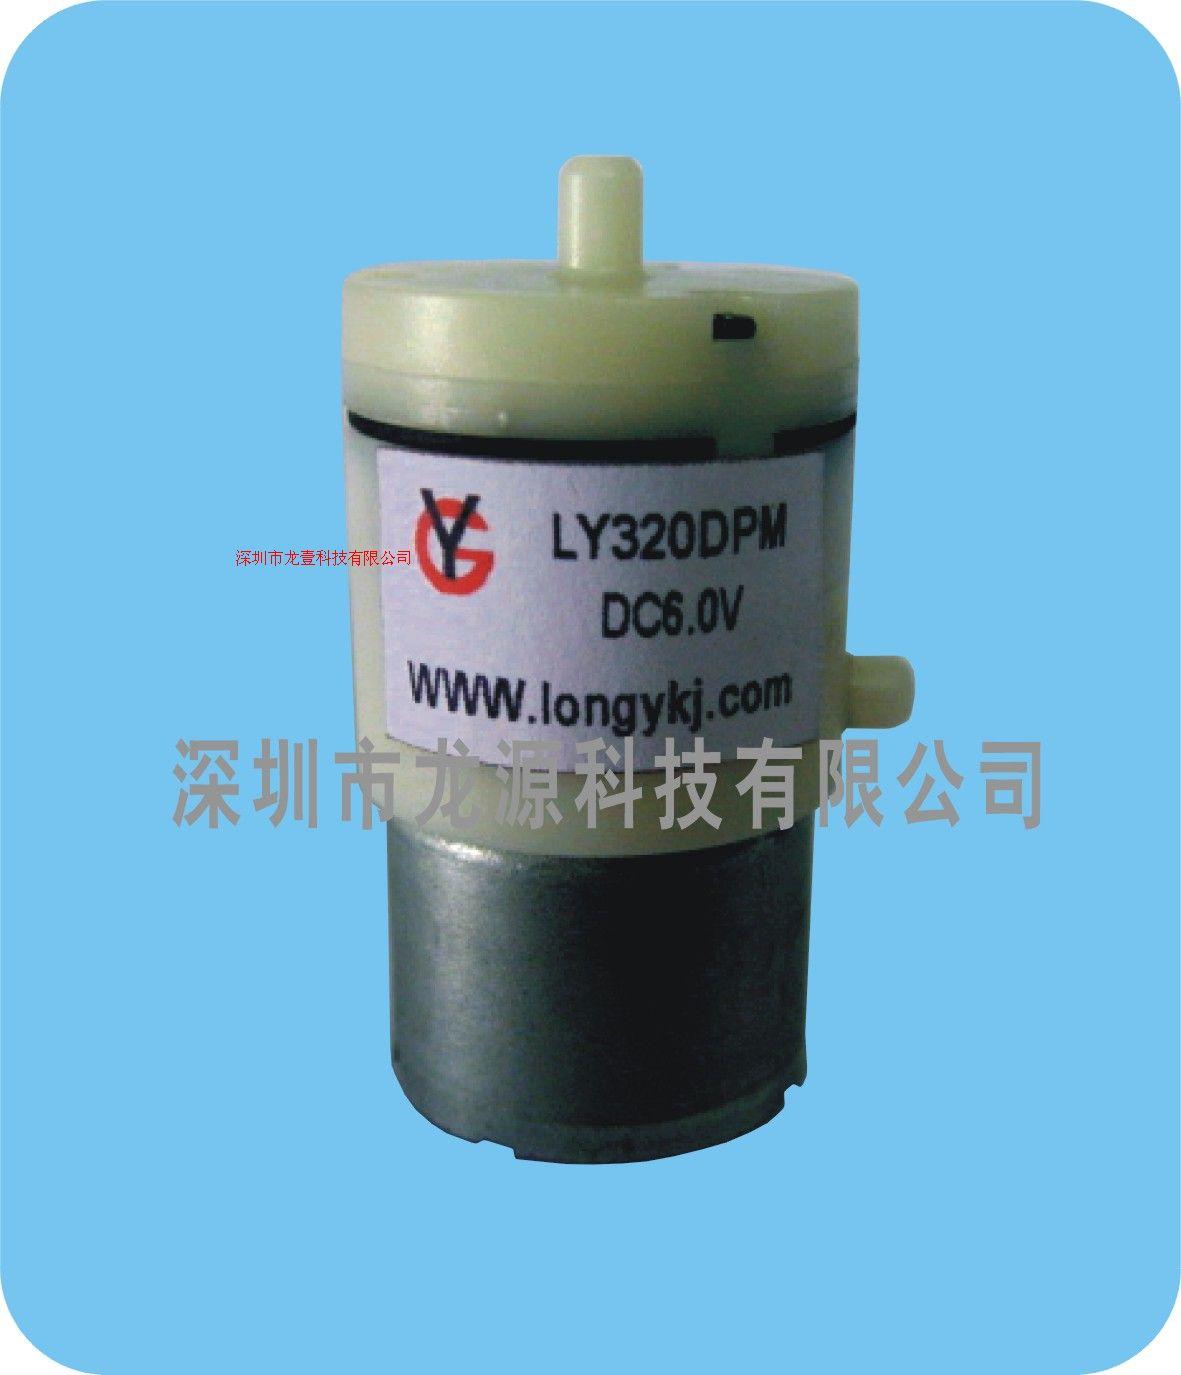 微型抽气泵LY320DPM